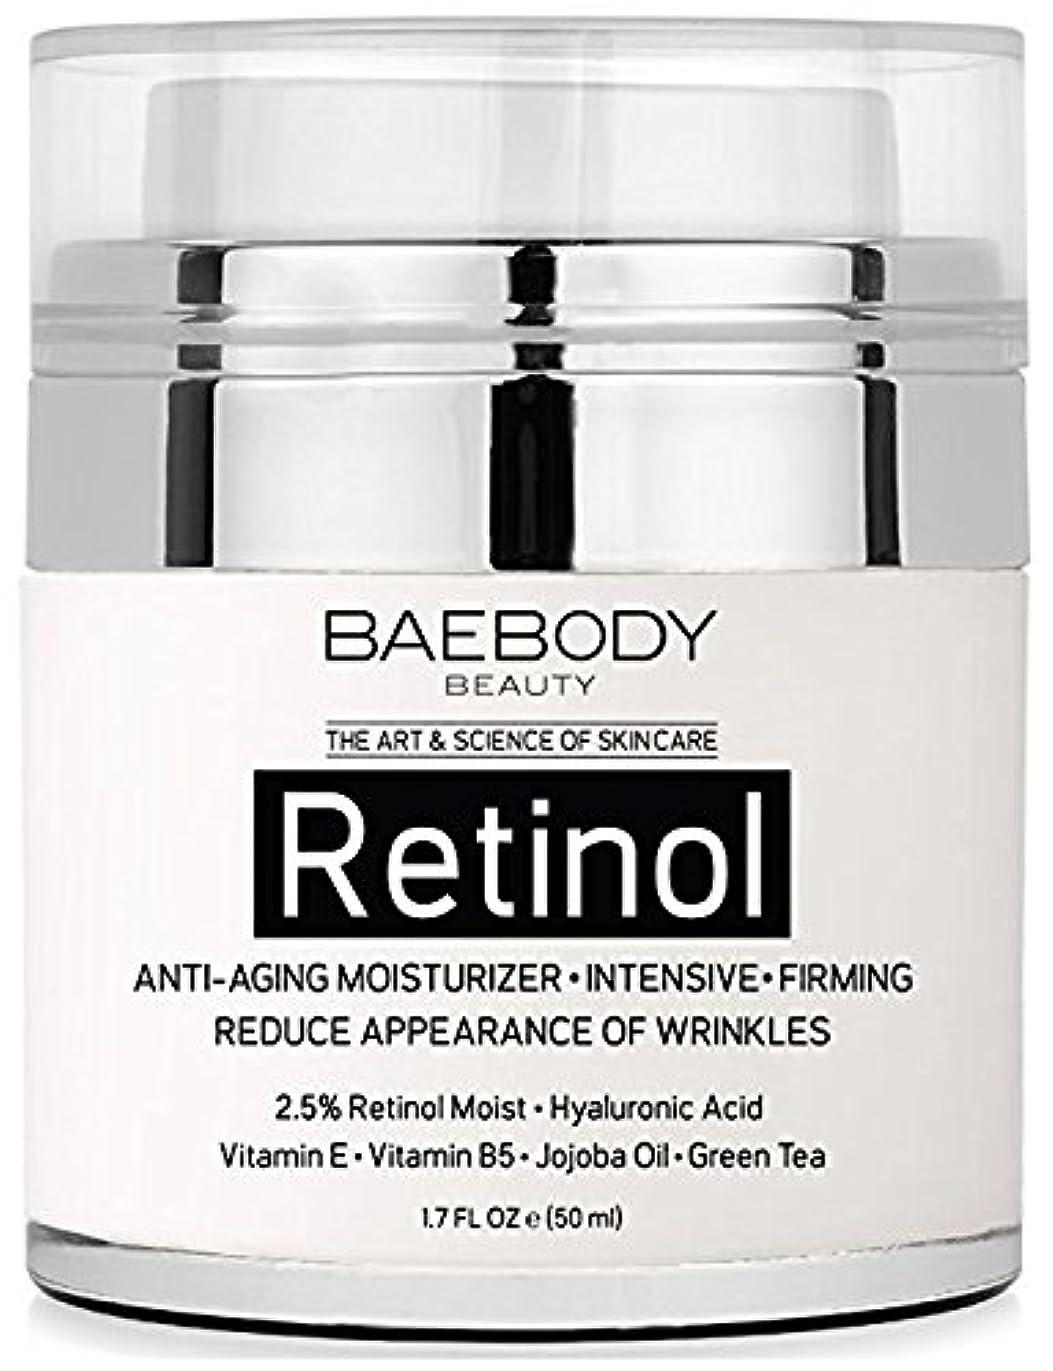 カール異常ビジョンBaebody社 の レチノール 保湿クリーム Baebody Retinol Moisturizer Cream [並行輸入品]